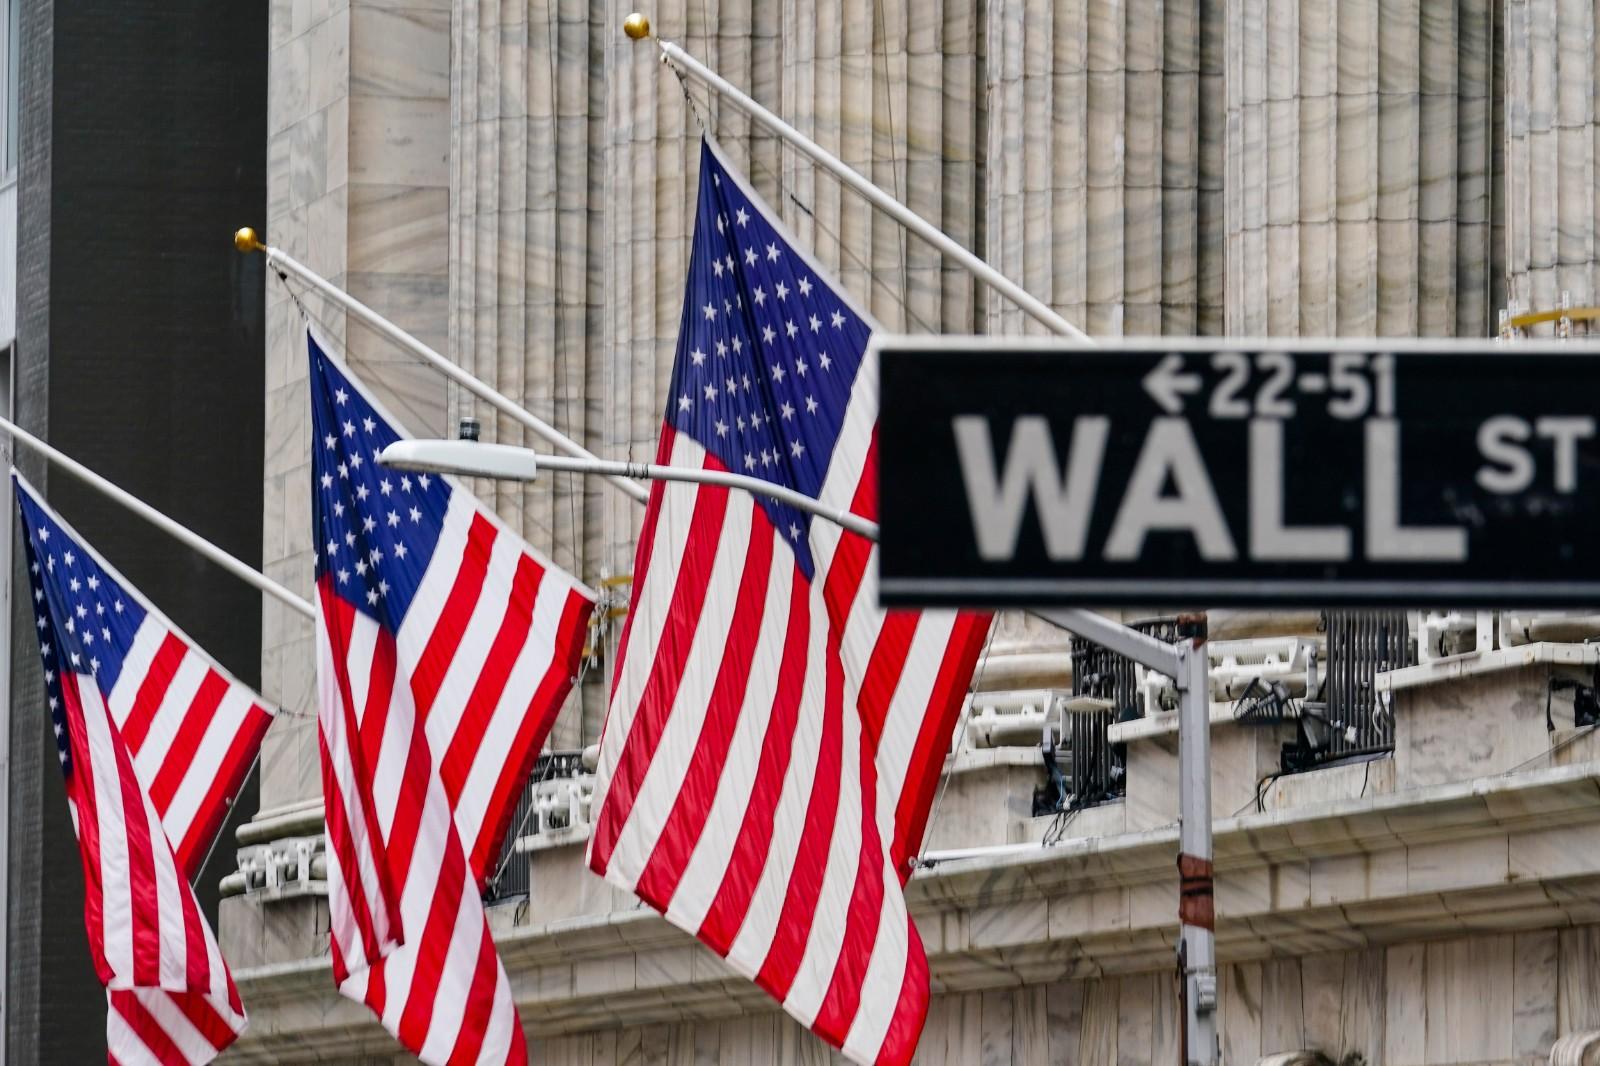 投资者对经济复苏越发乐观 道指标普双双再创纪录_图1-1